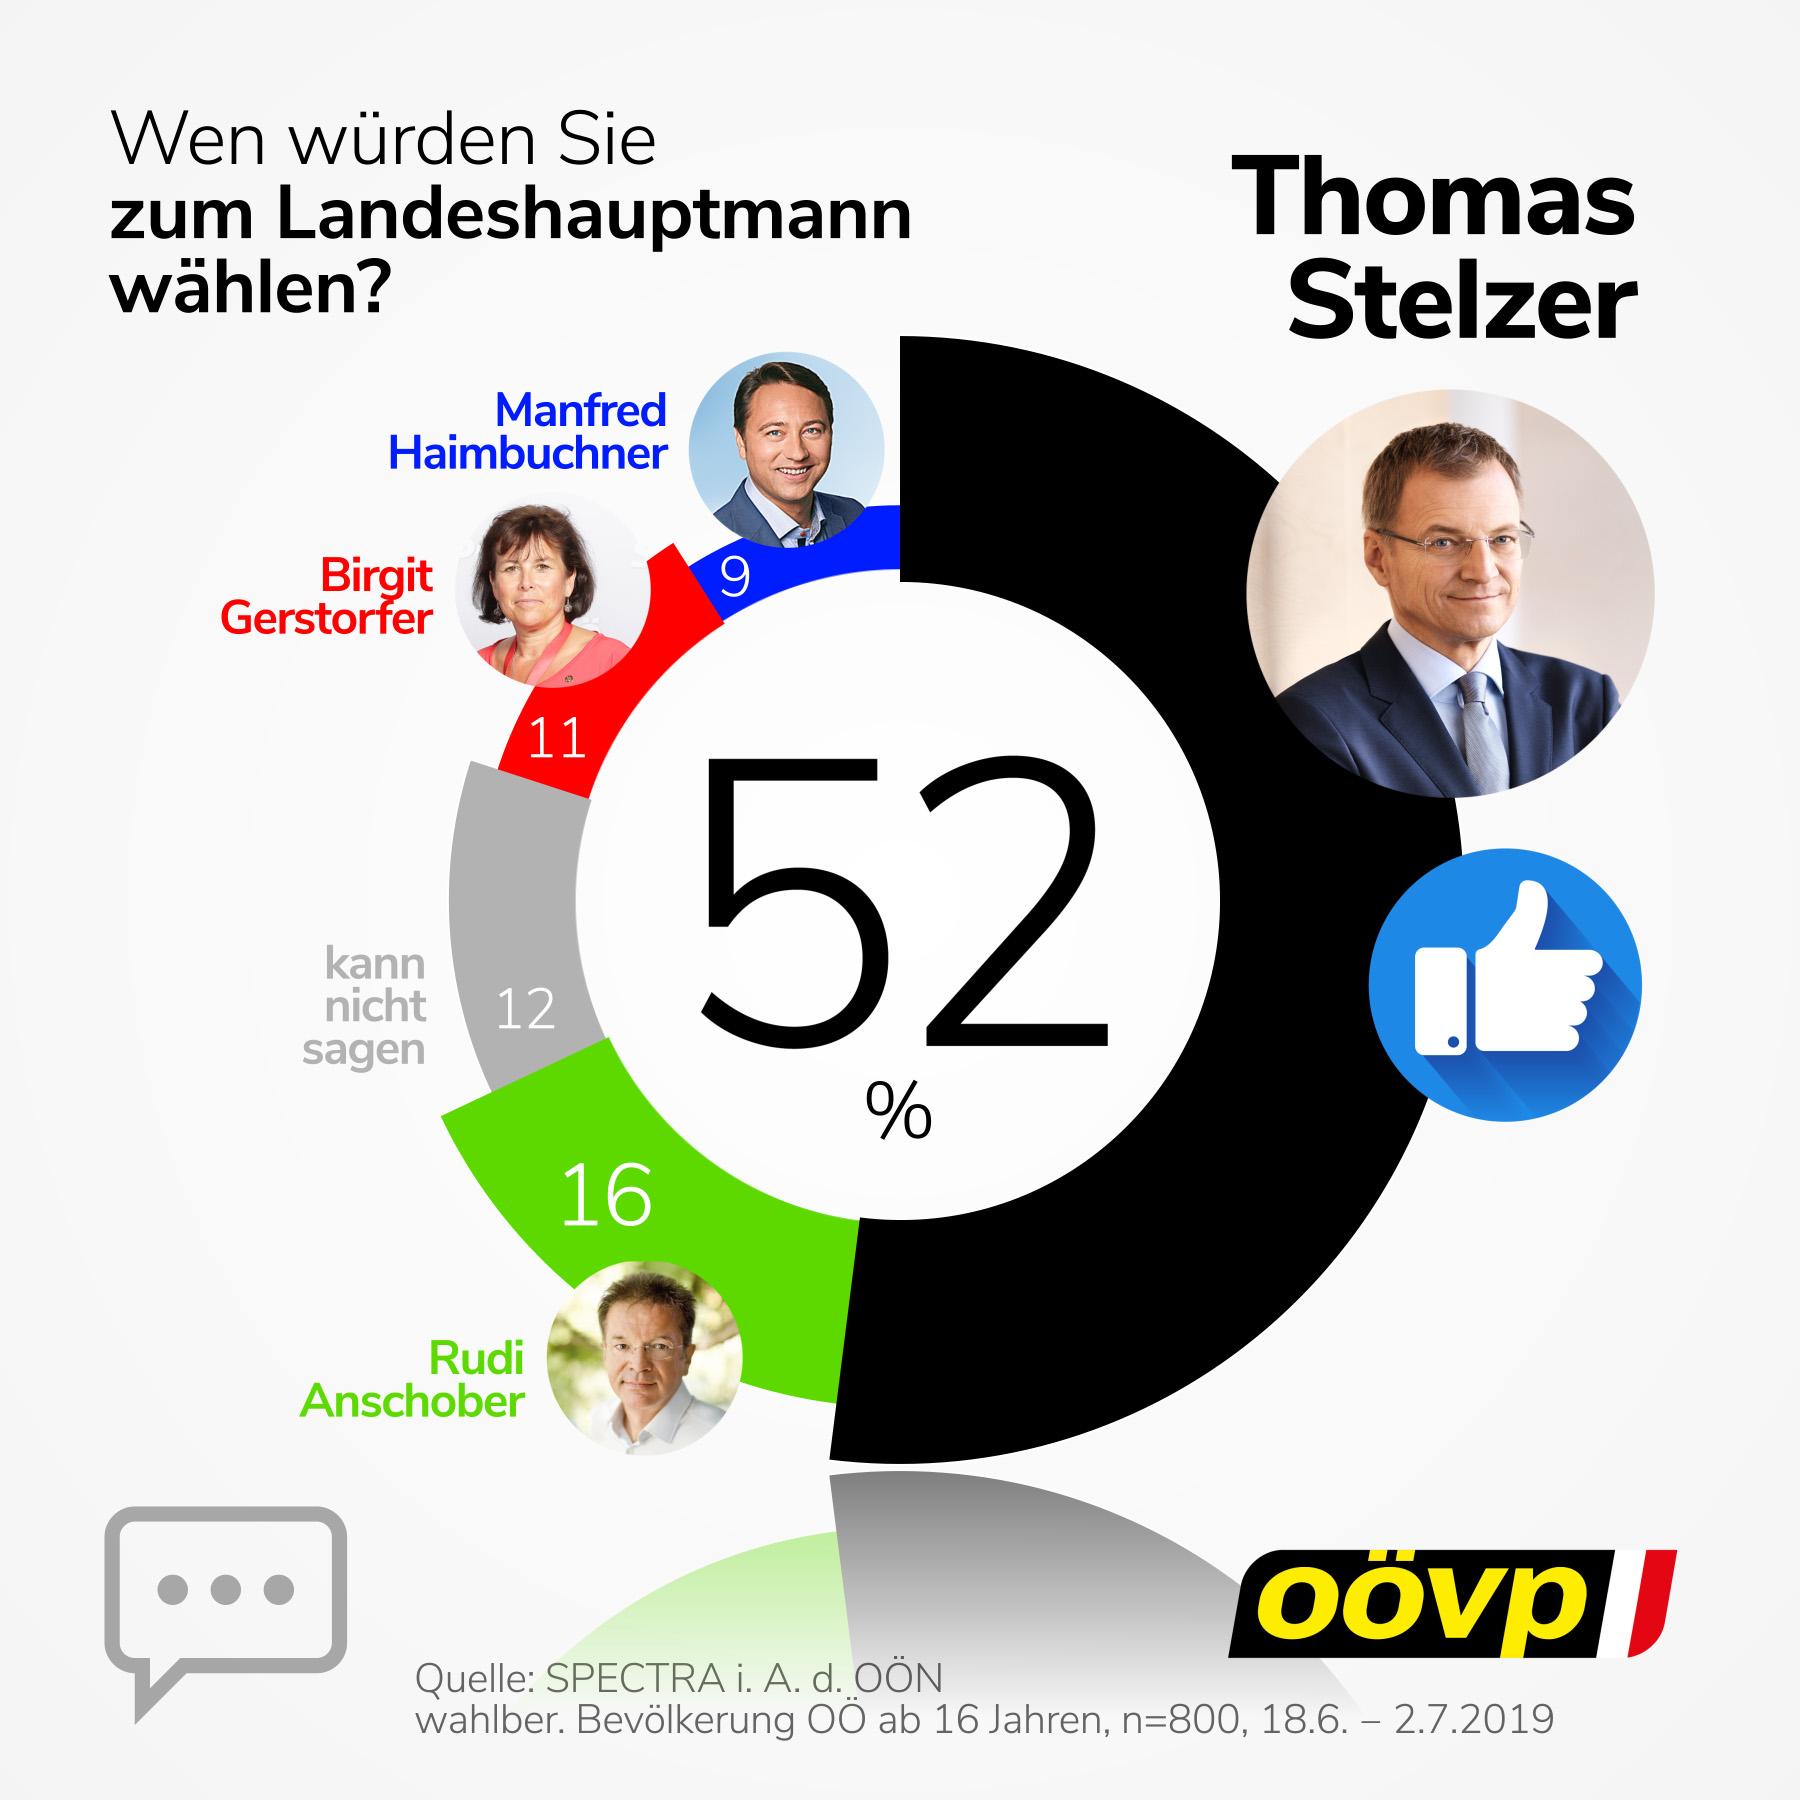 Mehr als jede(r) zweite OberösterreicherIn würden Thomas Stelzer wieder zum Landeshauptmann von Oberösterreich wählen.